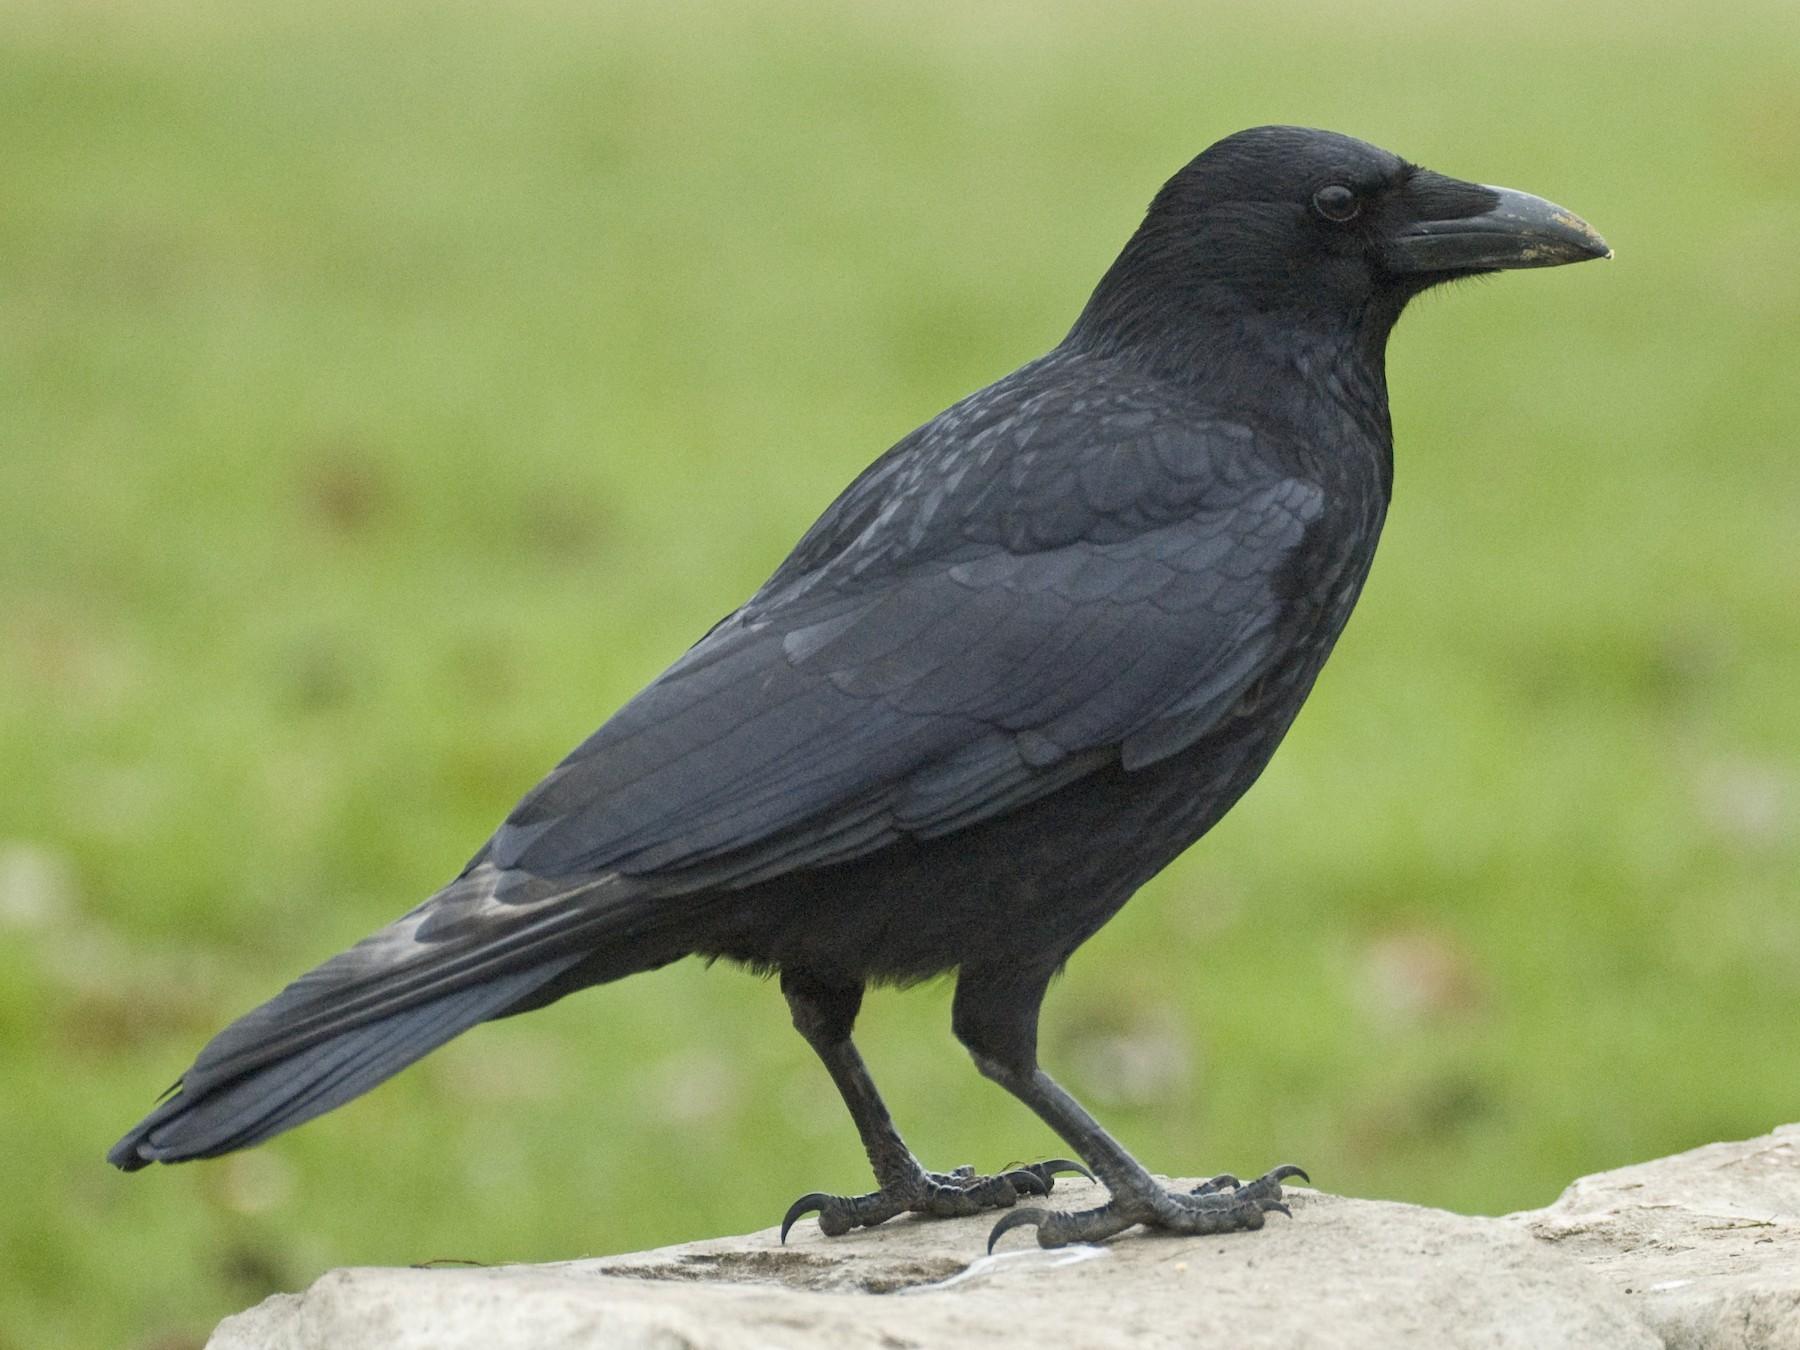 Carrion Crow - Guillermo López Zamora